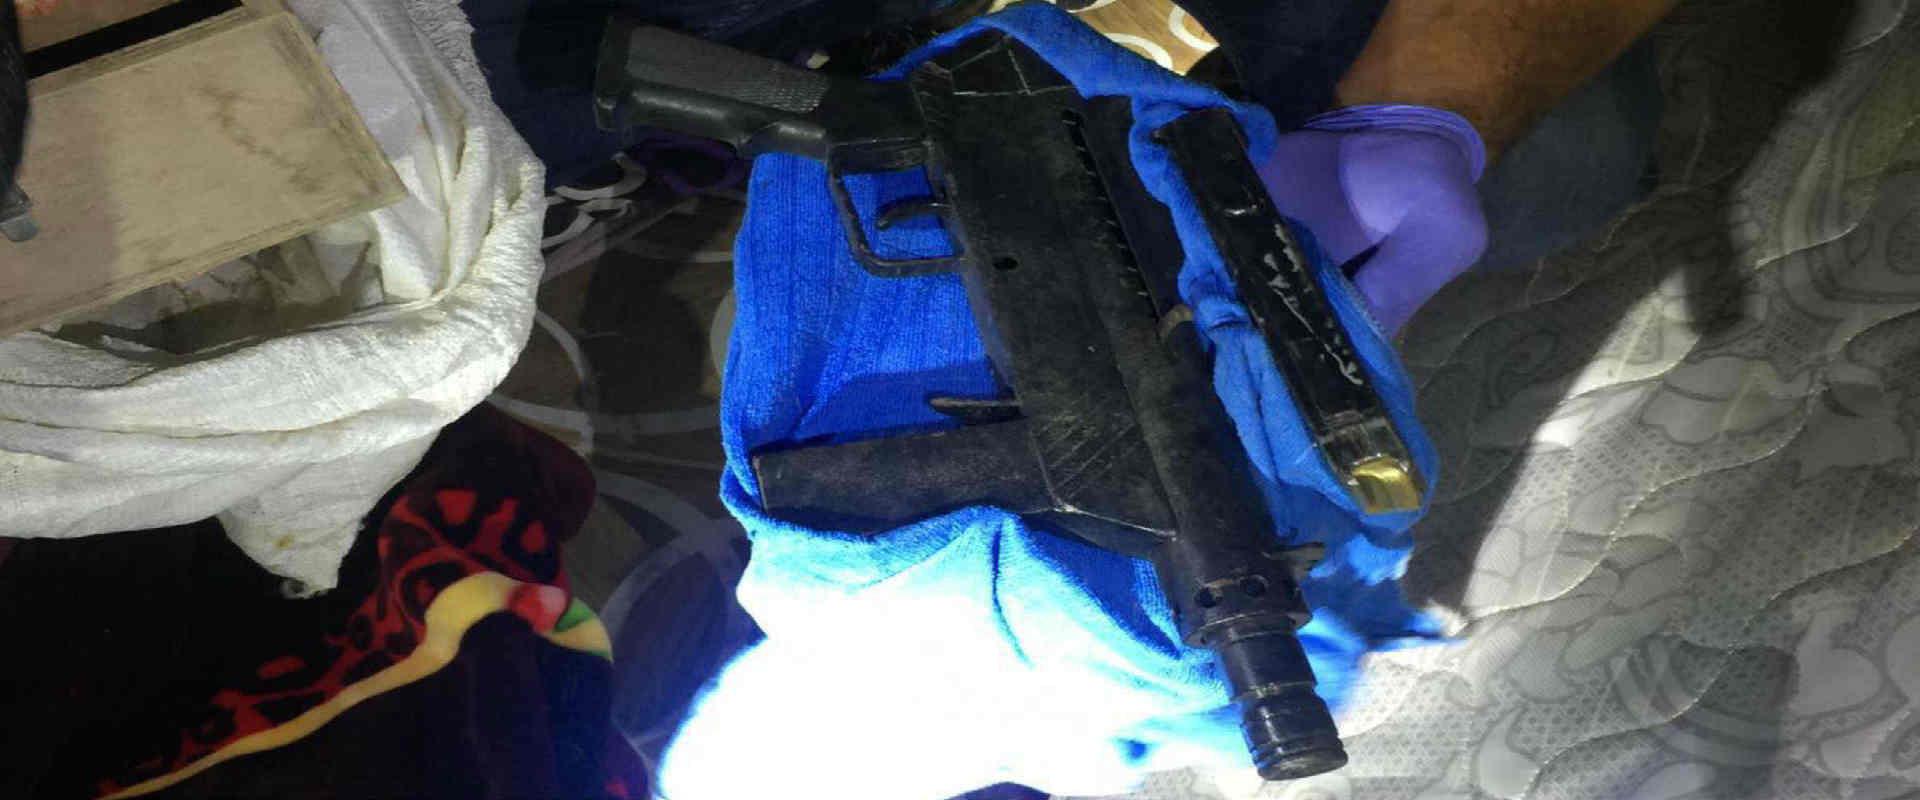 נשק שנתפס במהלך פעילות המשטרה